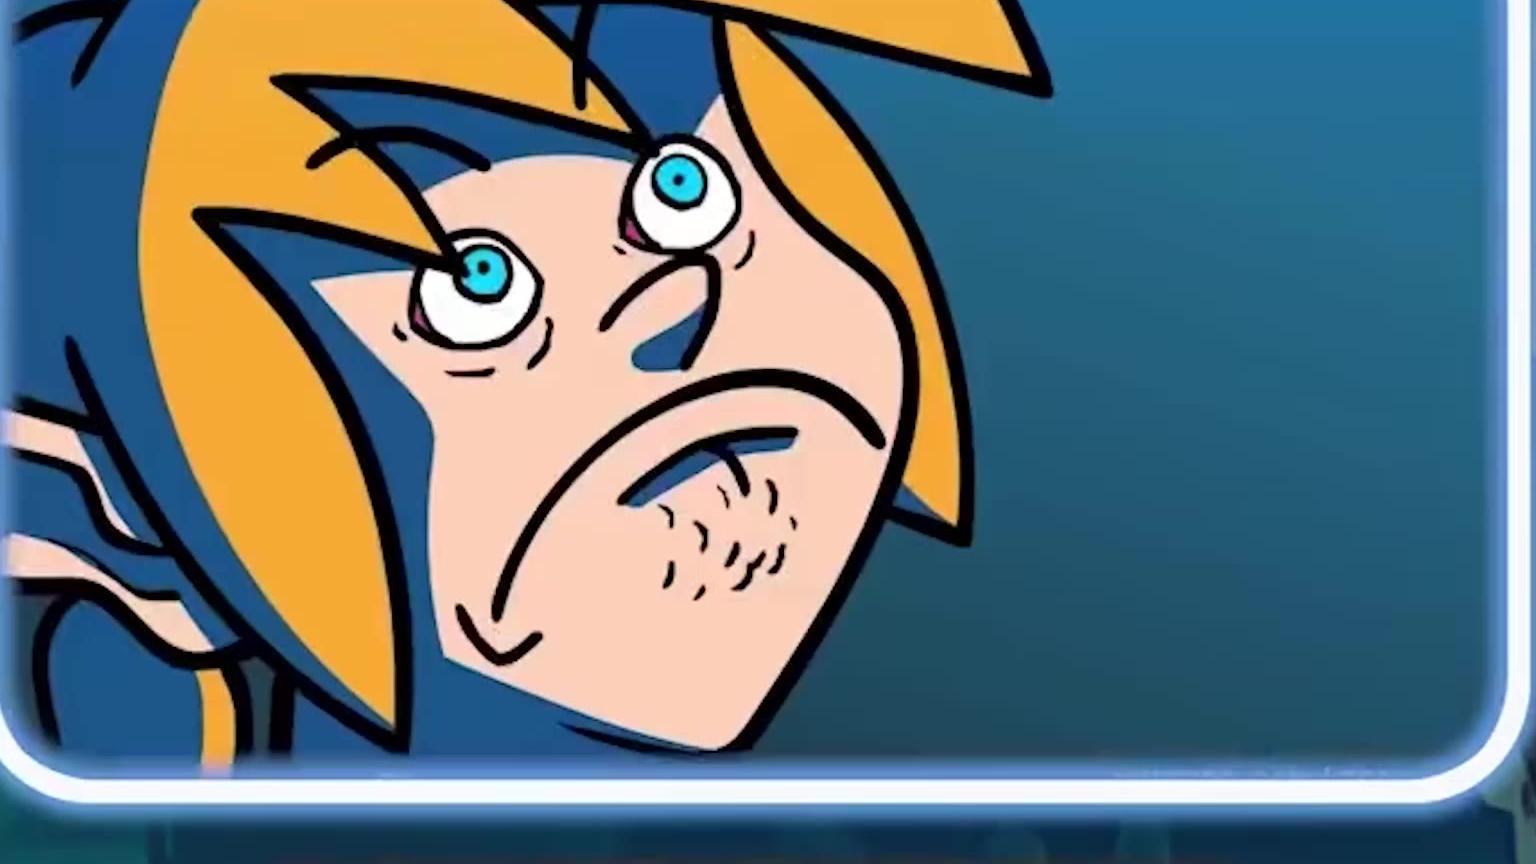 【动画版】塞尔达荒野之息27分钟速通,恶霸出山